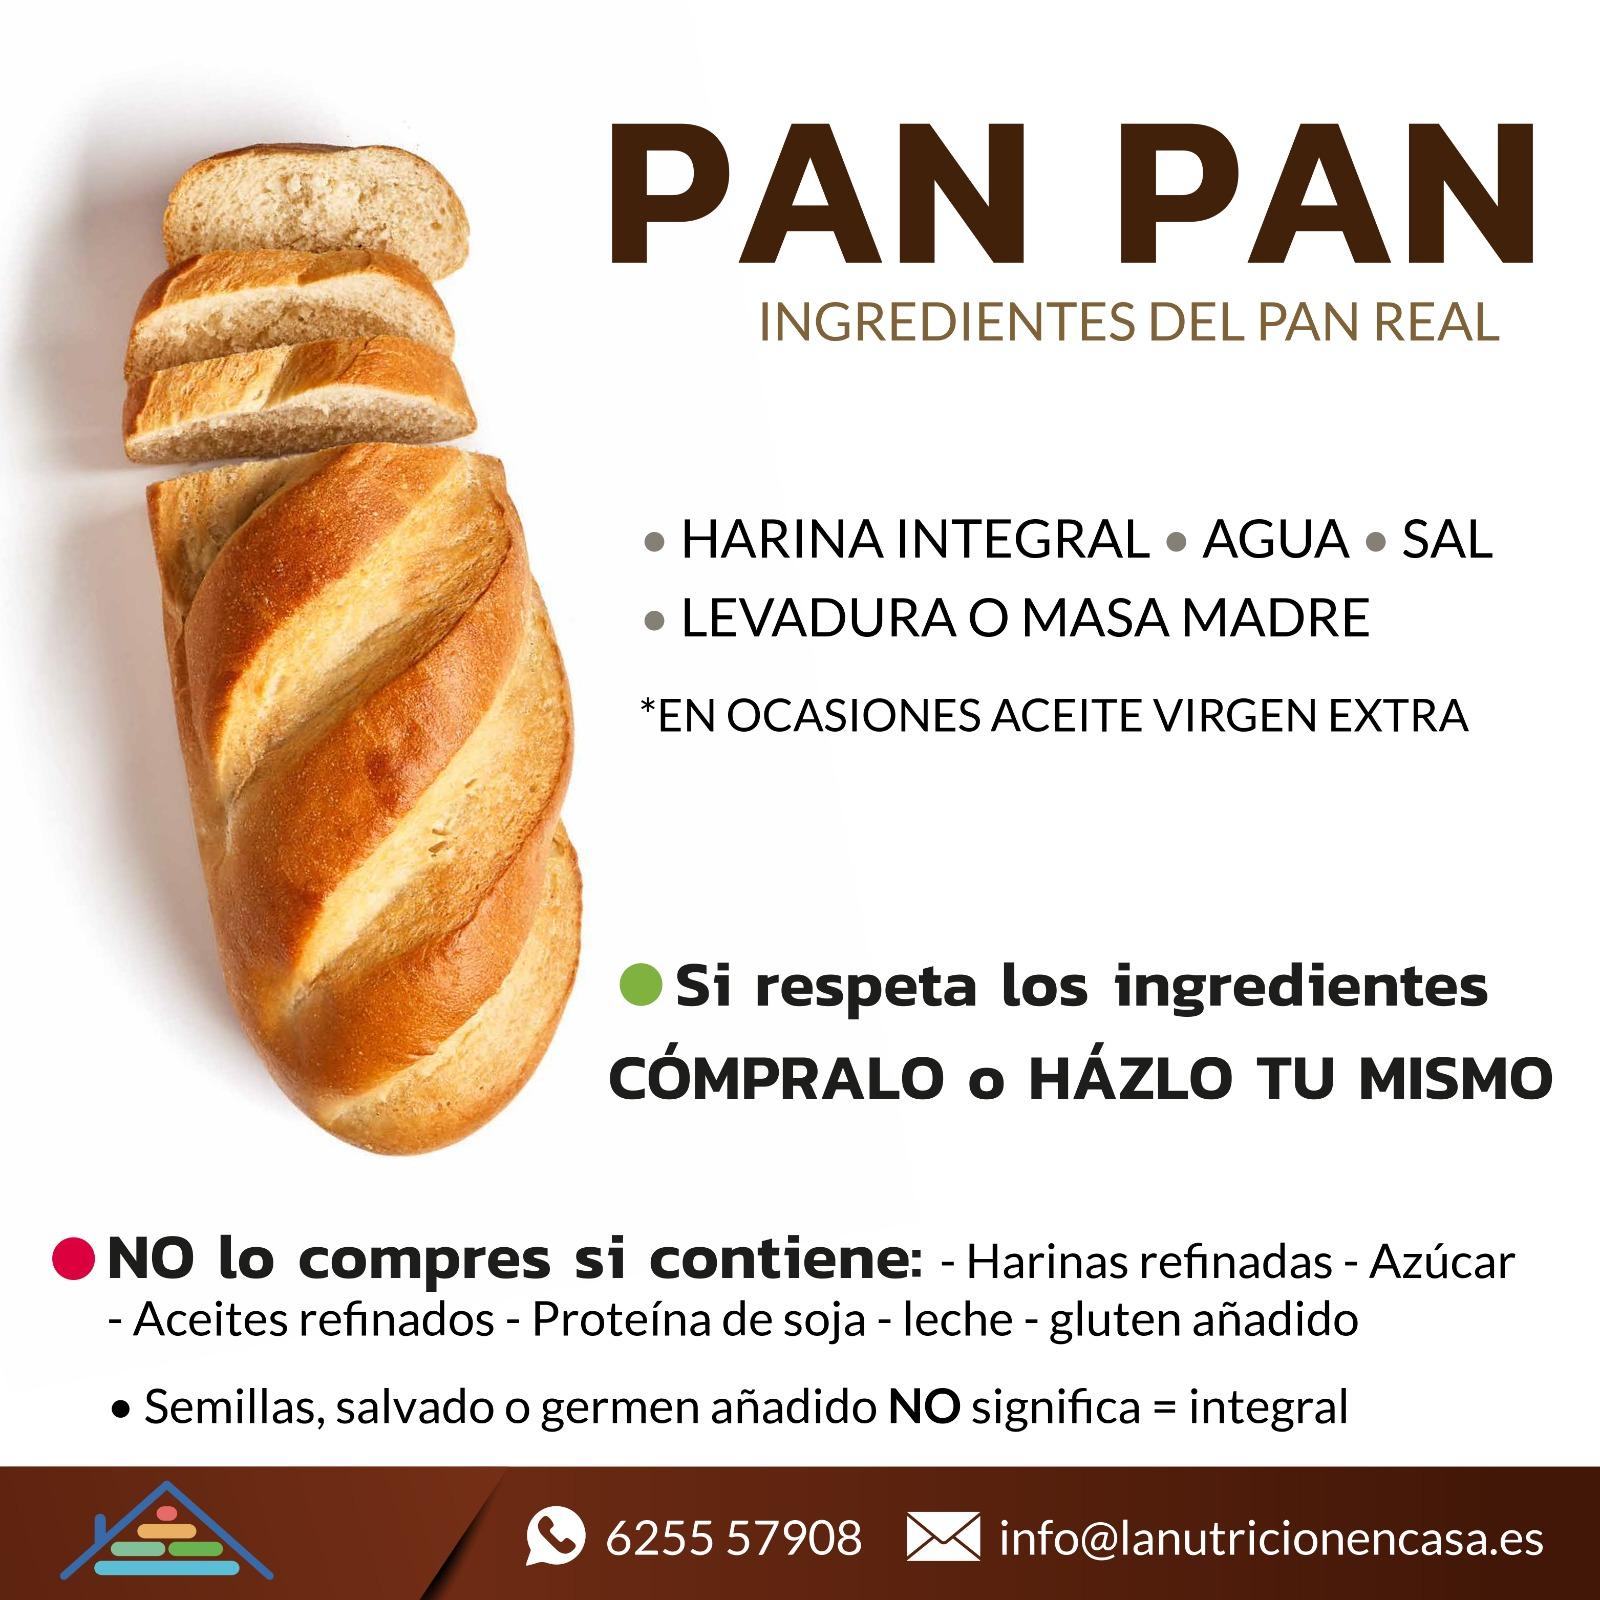 ingredientes-pan-real-centro-de-salud-formacion-santuario